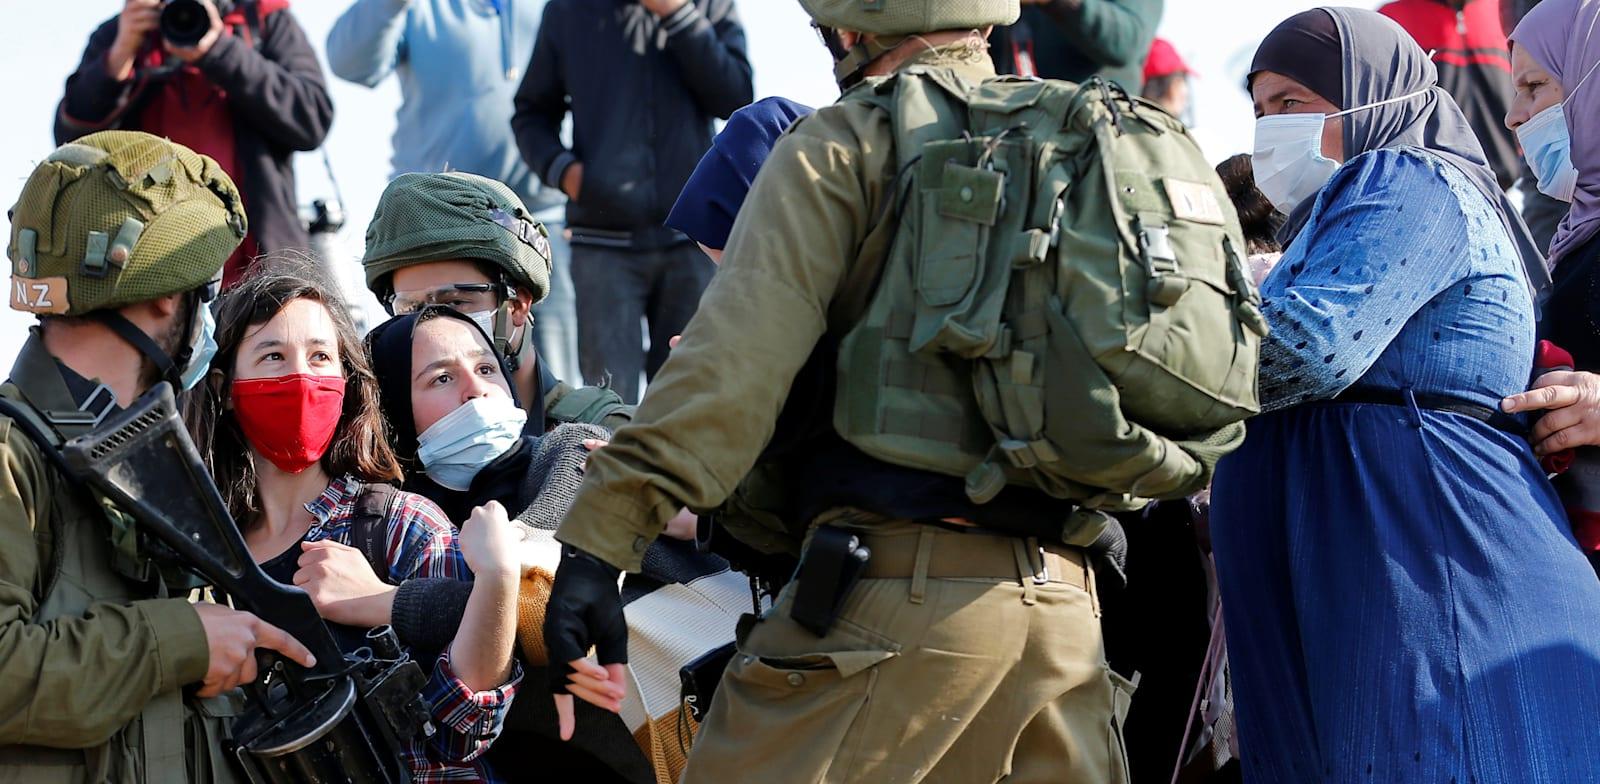 הפגנה אחרי הפגיעה בהארון אבו עראם. הלב יוצא אליו, אך זה לא אפרטהייד / צילום: Reuters, Mussa Issa Qawasma